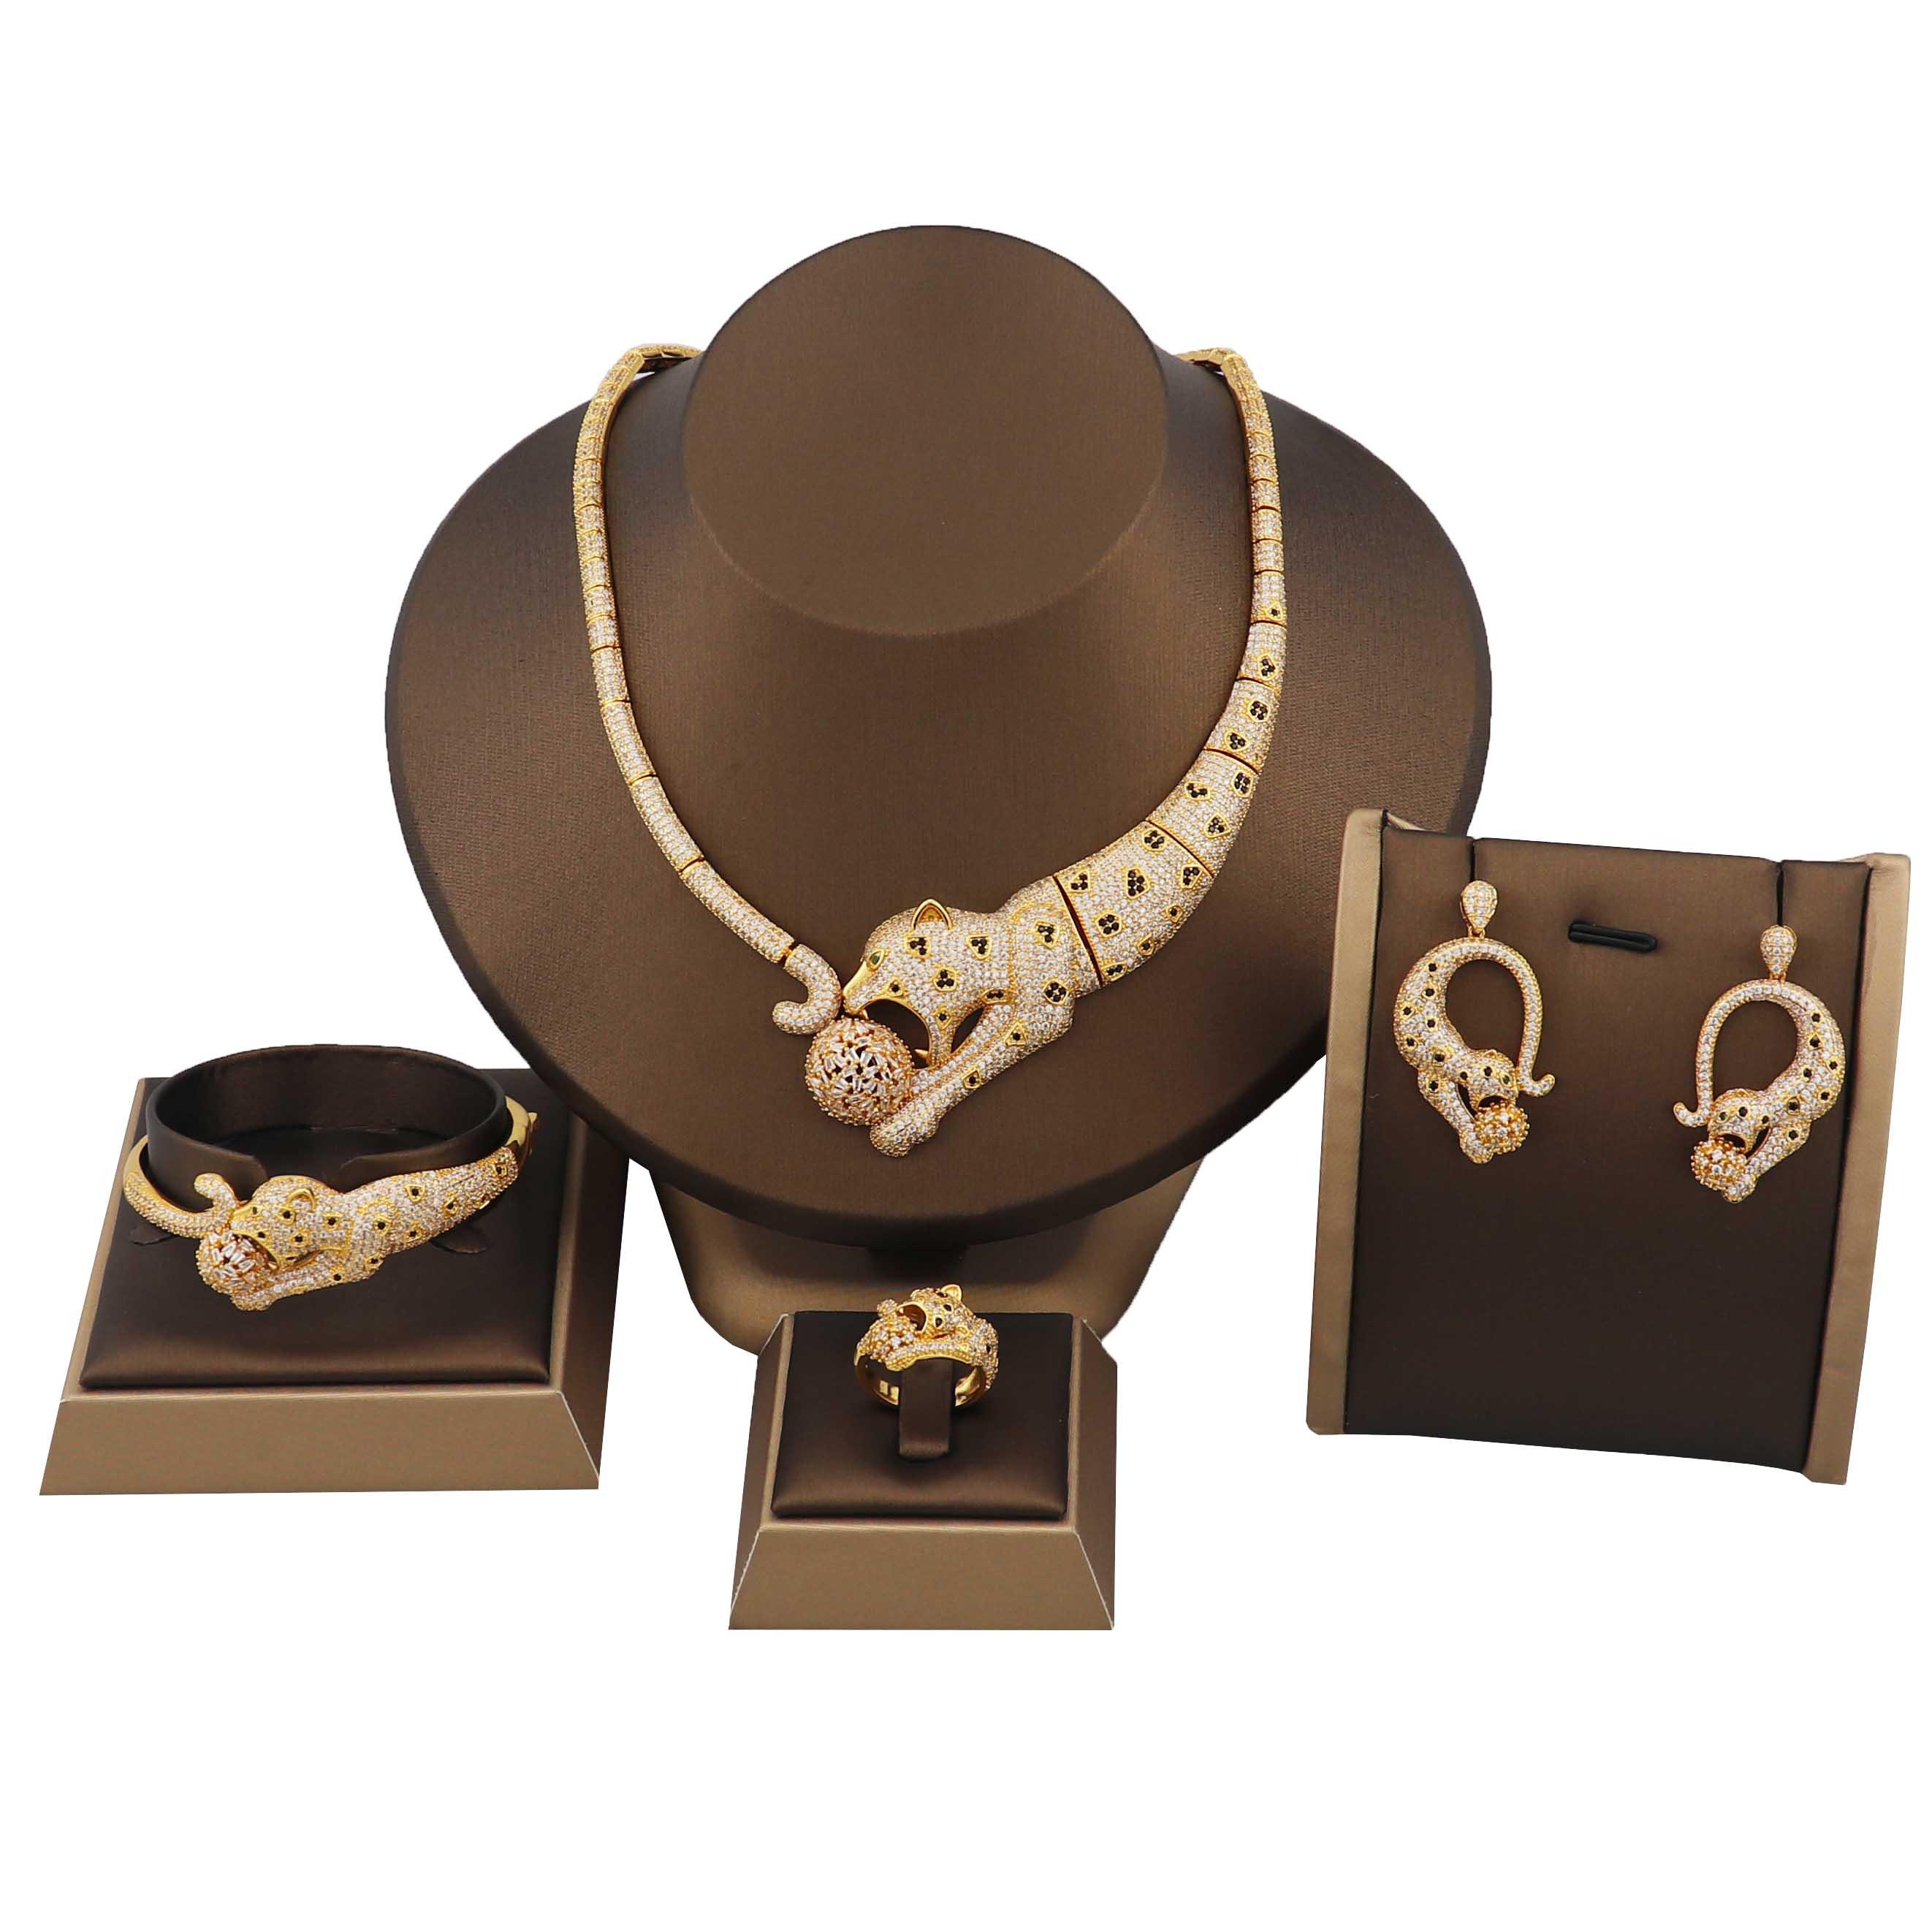 الموضة الفاخرة عالية الجودة ليوبارد قلادة سوار حلقة أقراط أربعة قطعة طقم مجوهرات هدية للذكرى السنوية